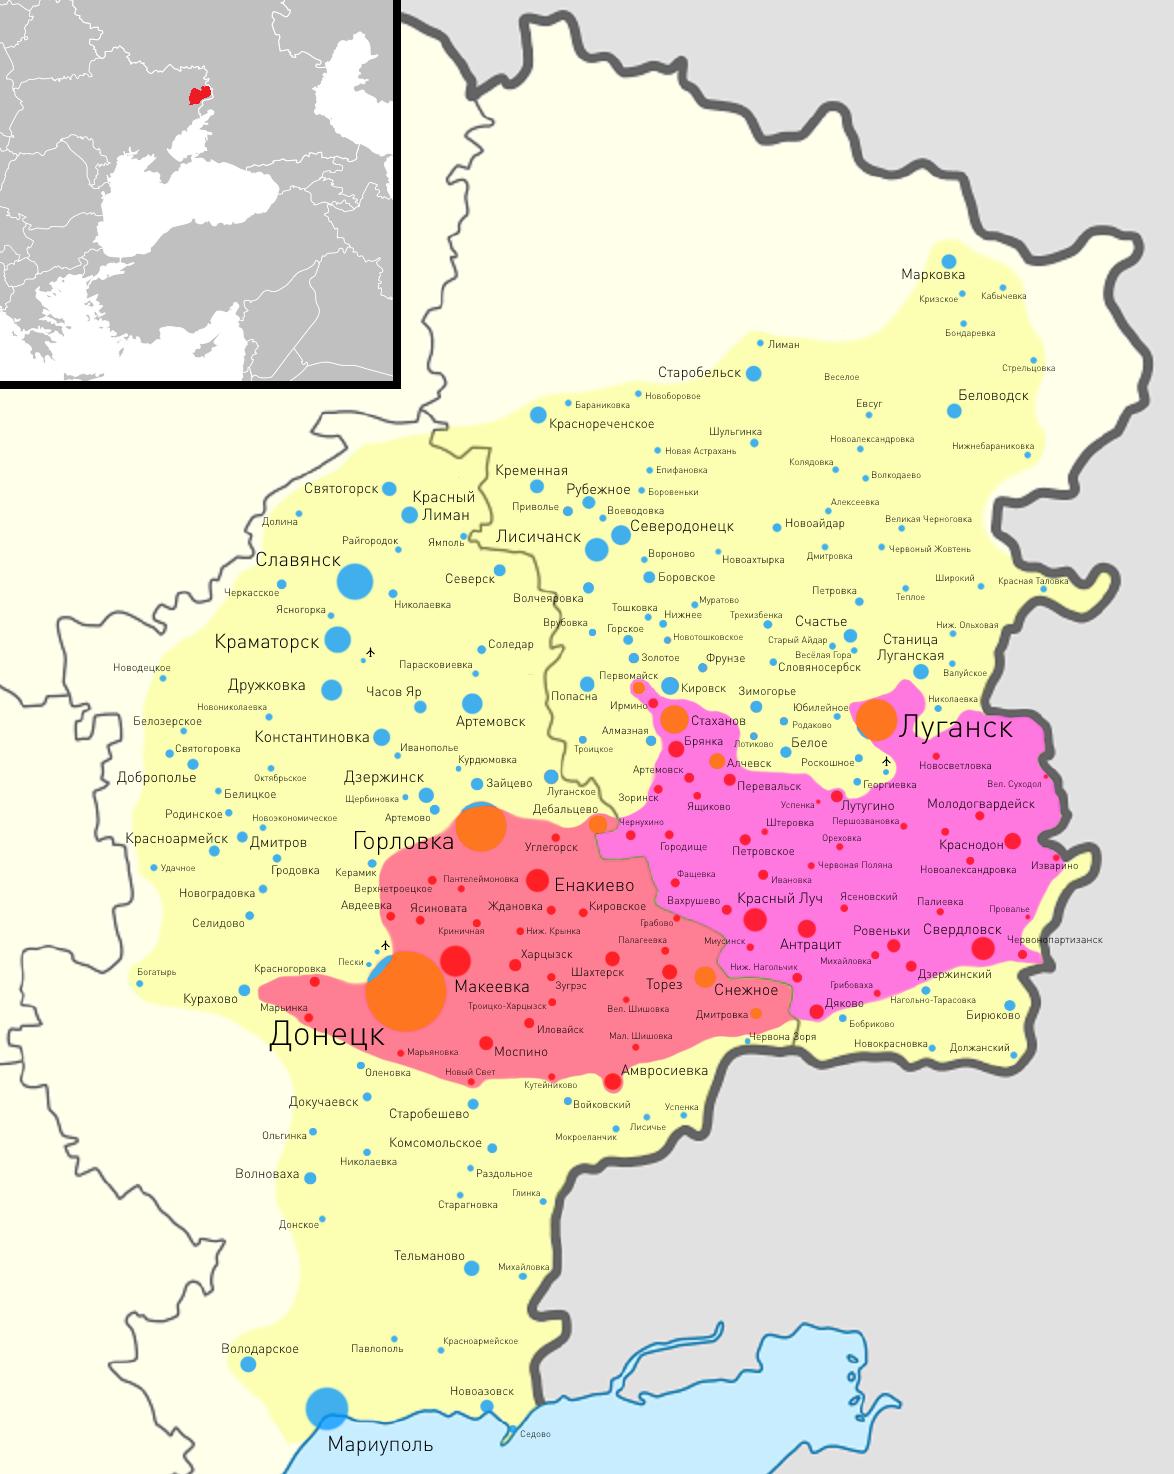 термобелье яндекс ру новости юго востока украины комплекты